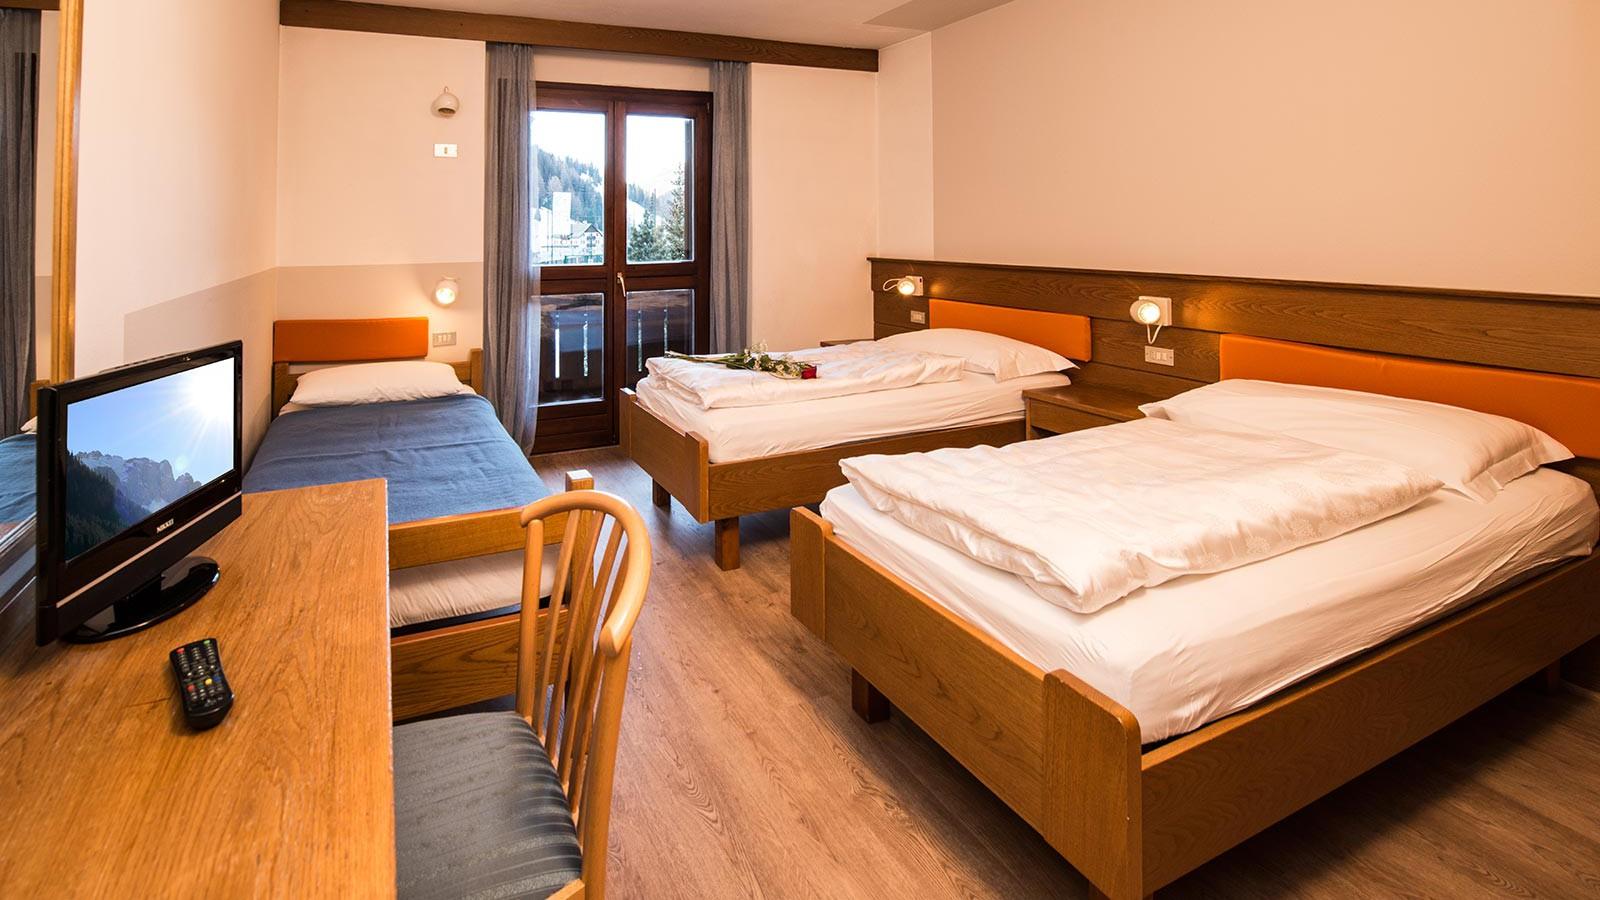 Hotel Alpin Haus, Selva Val Gardena - Standard Room